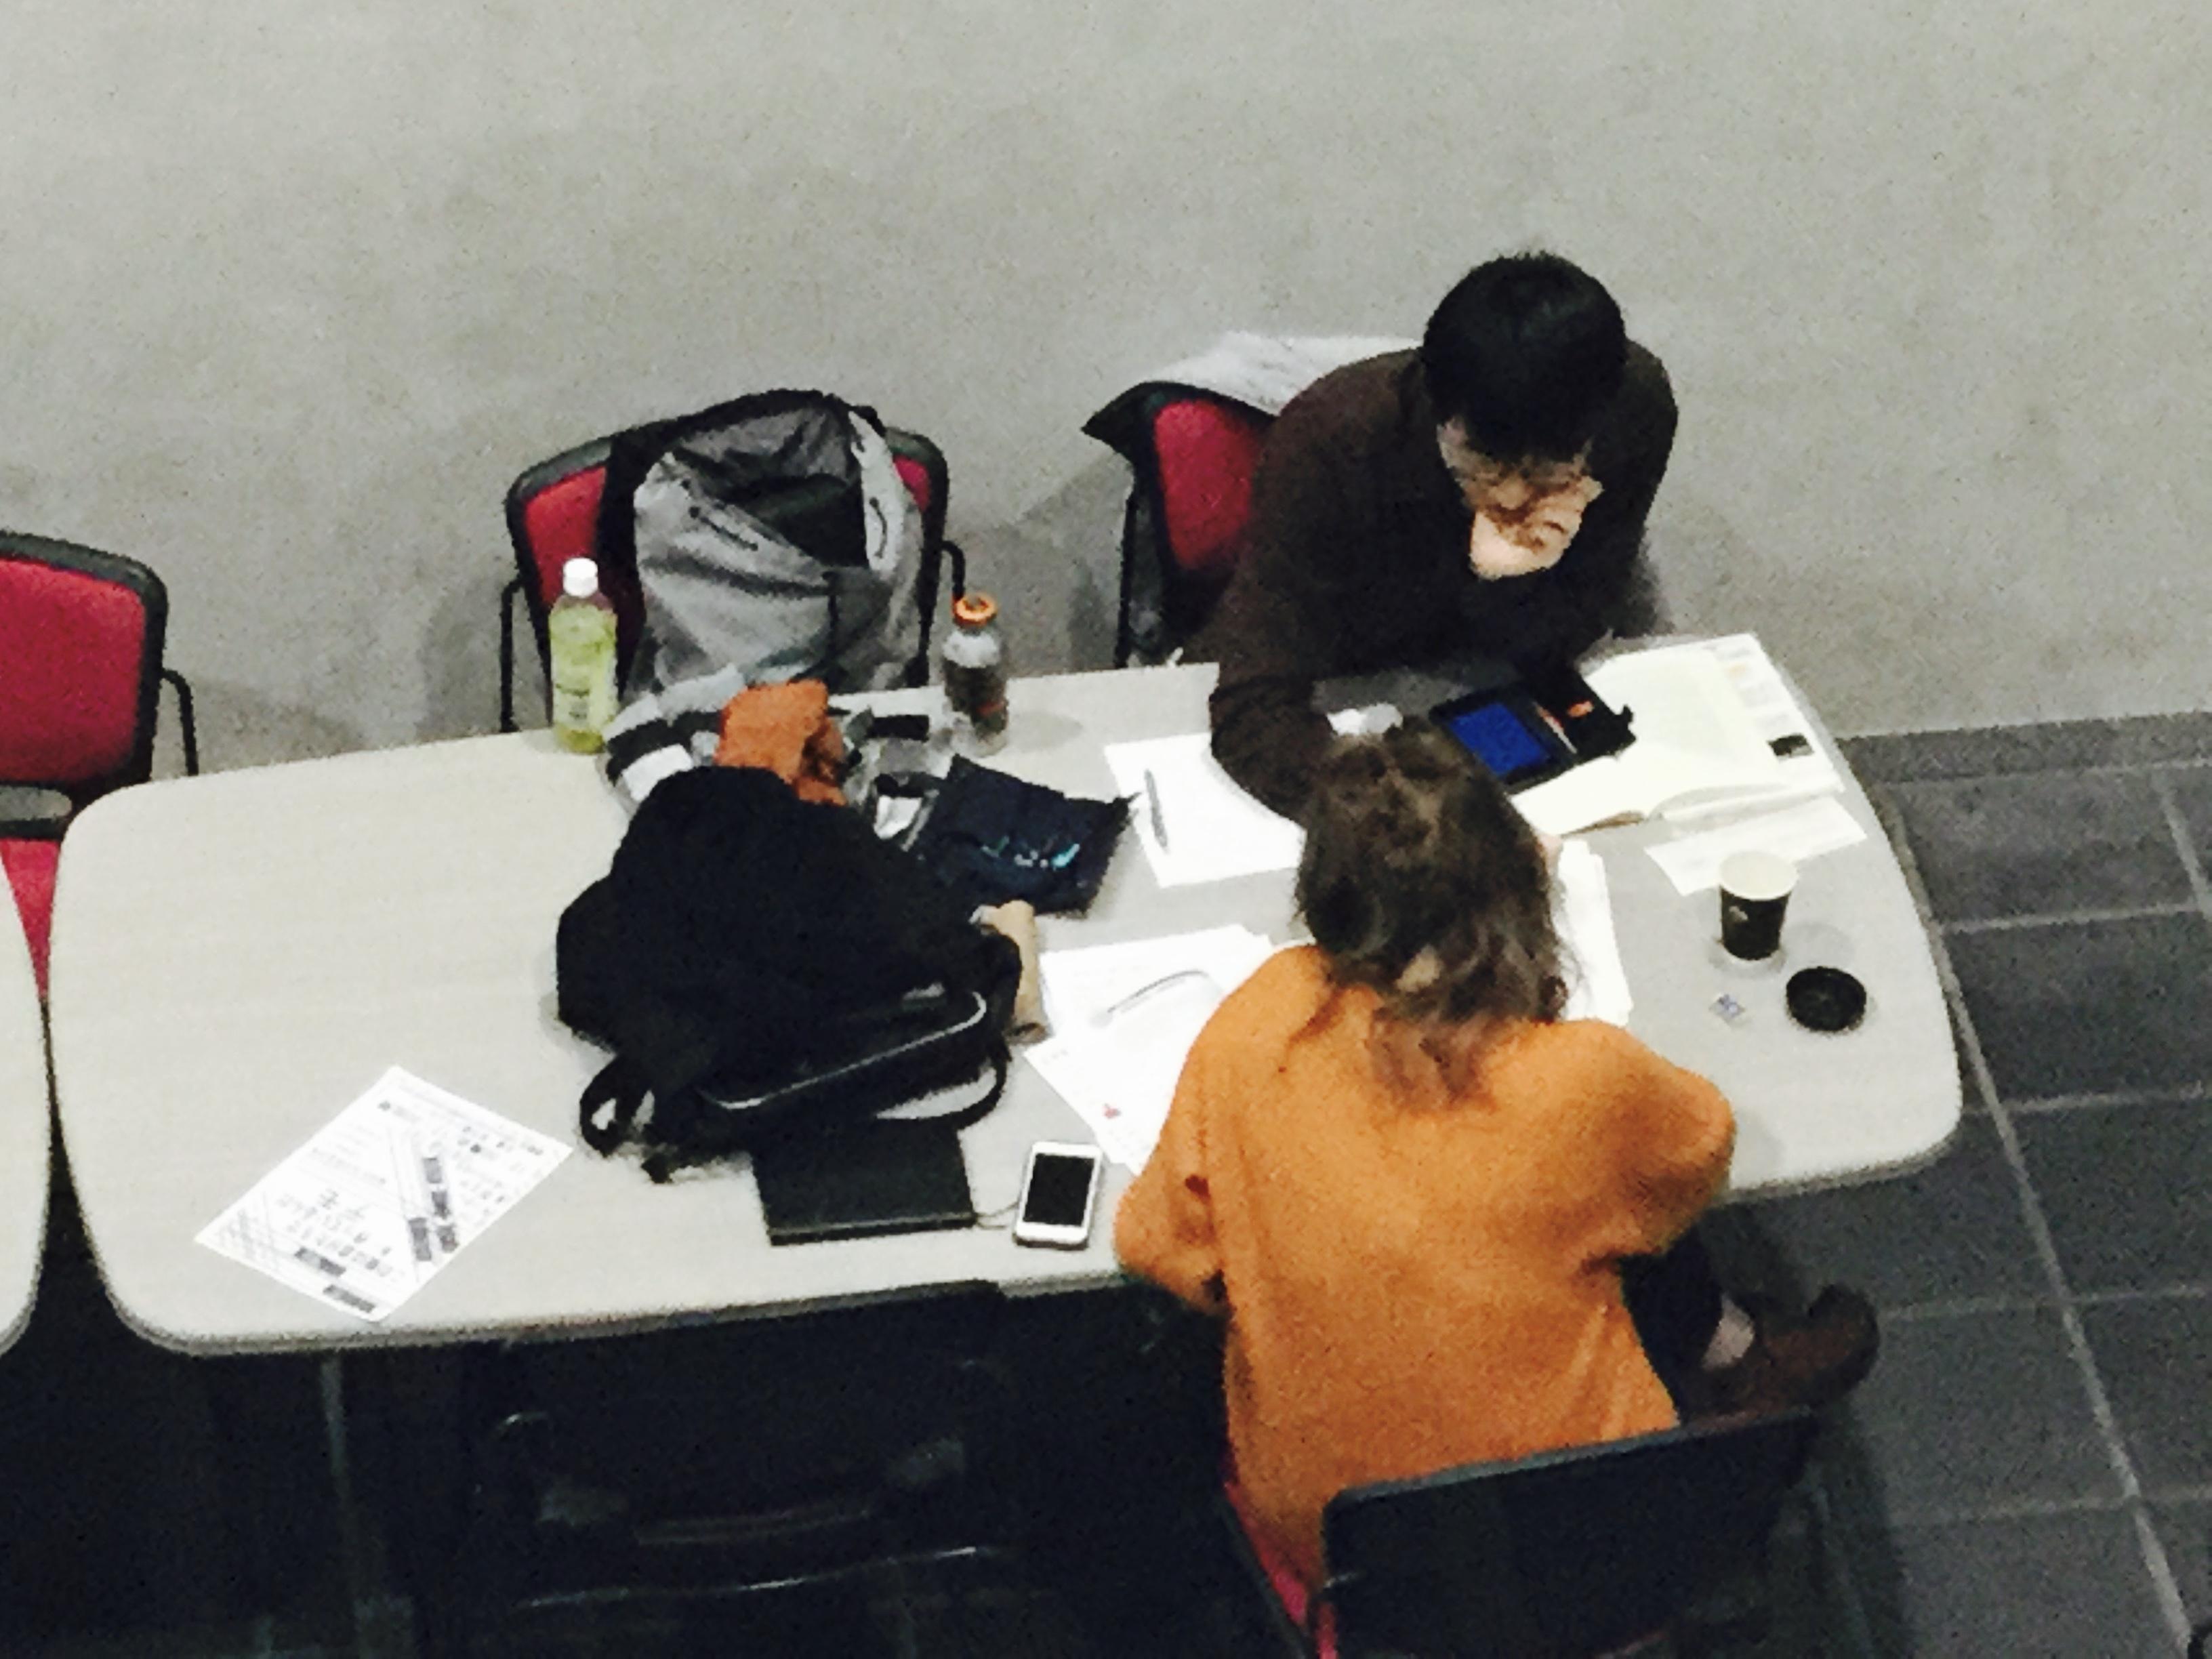 男女が机に向かって勉強している写真です。